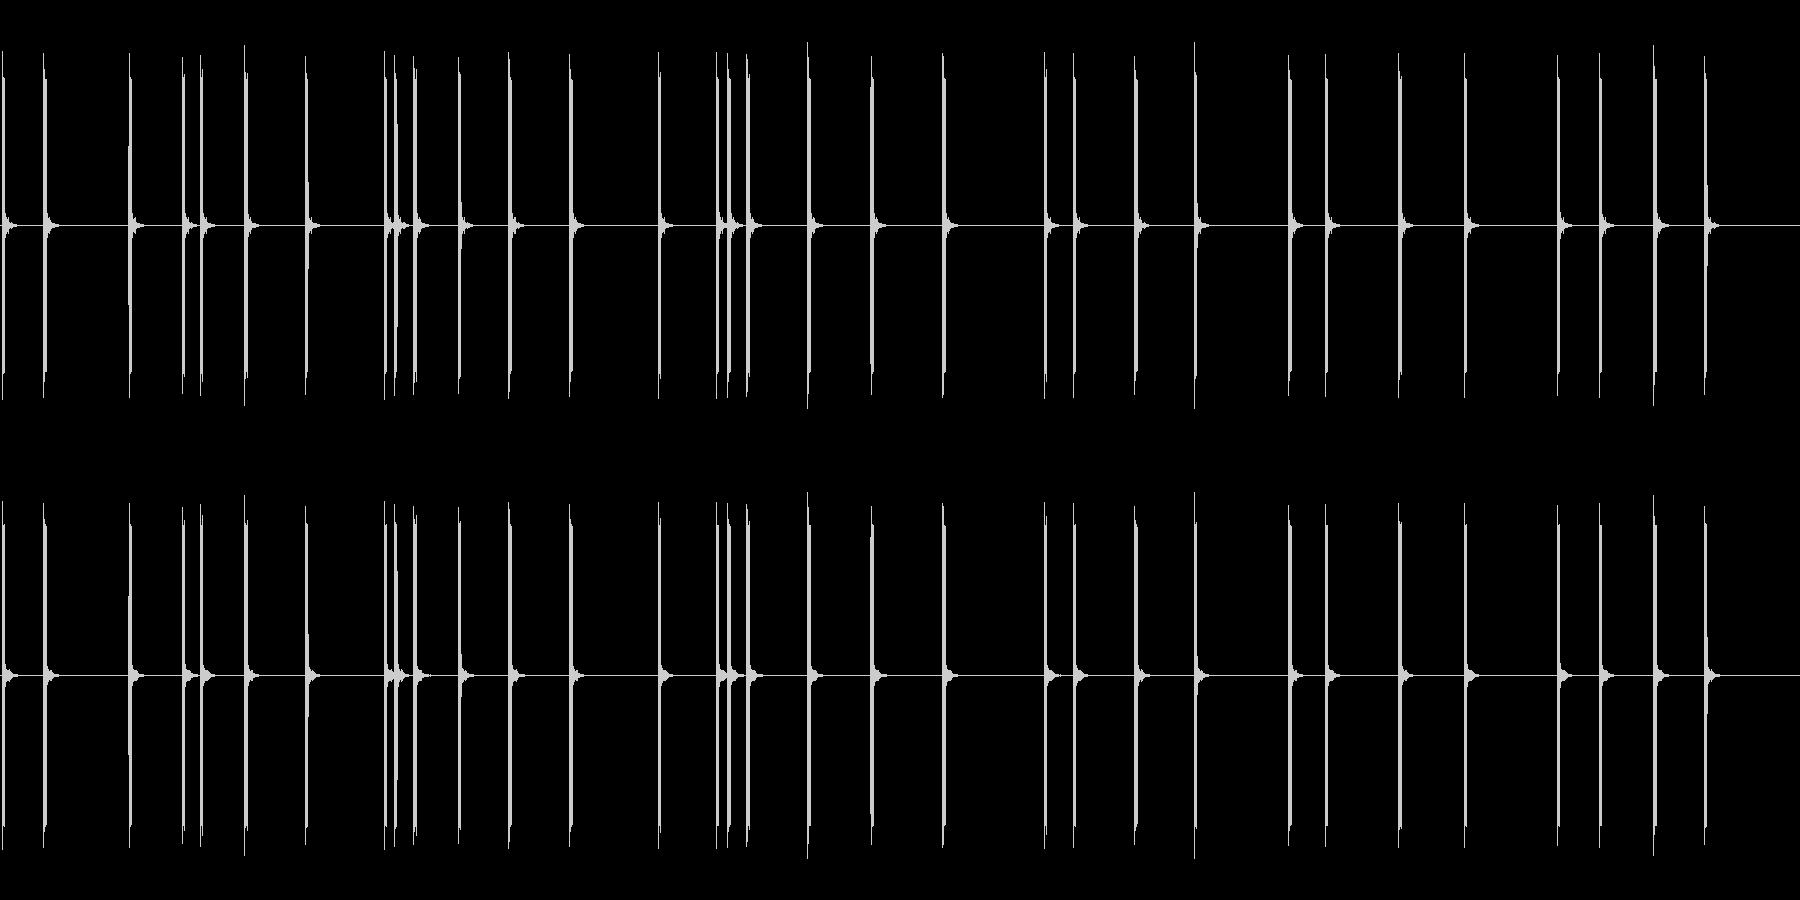 「心拍異常」ECGモニター(心電図)の未再生の波形